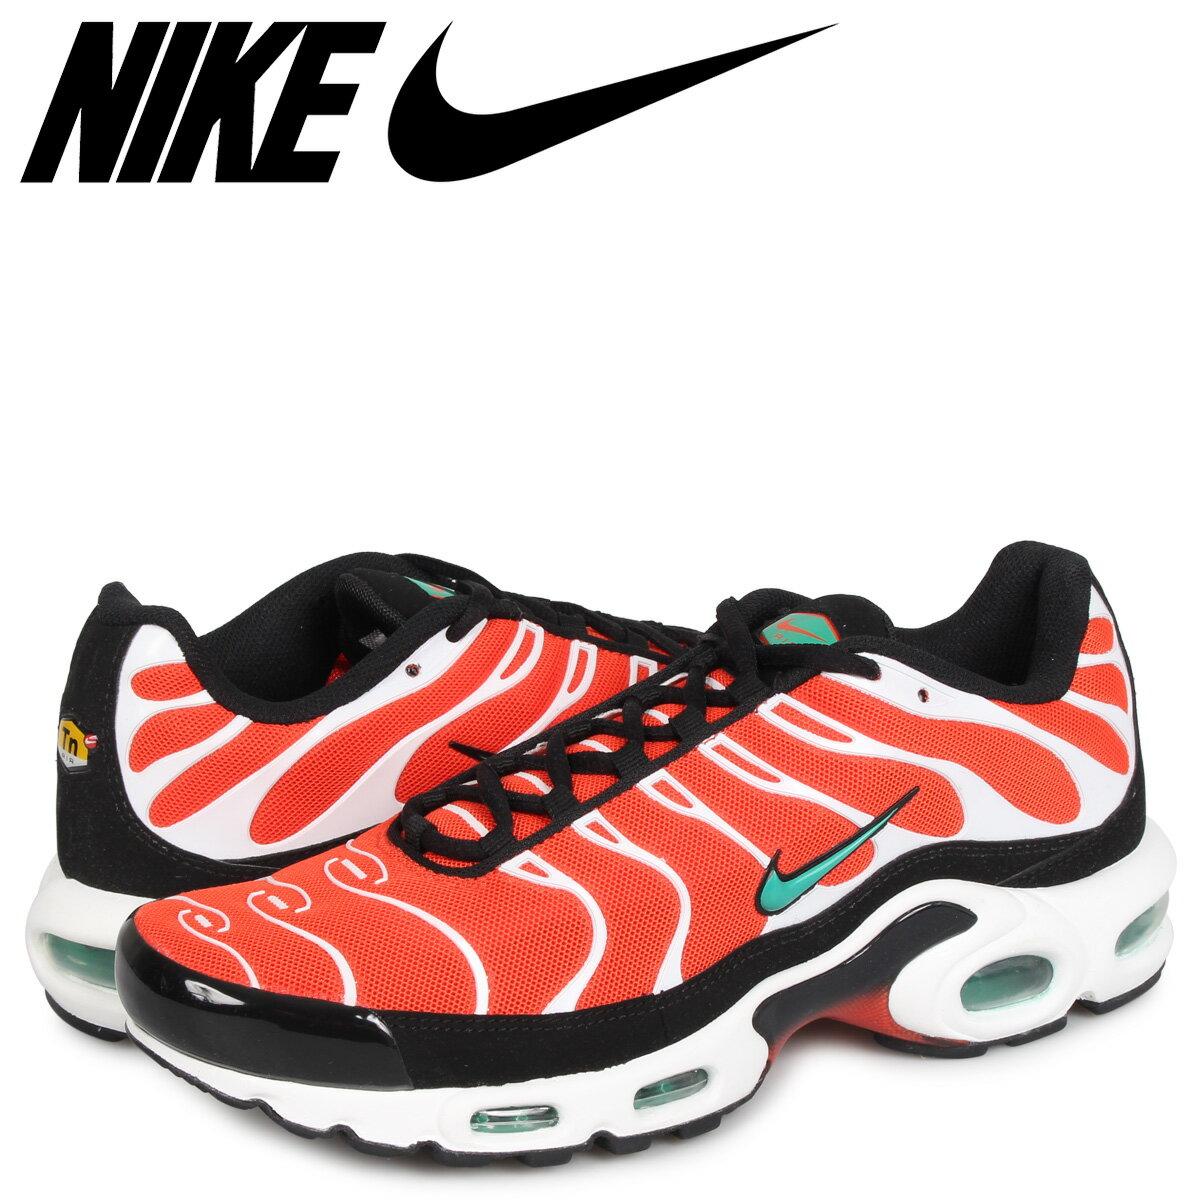 メンズ靴, スニーカー 2000OFF NIKE AIR MAX PLUS 852630-801